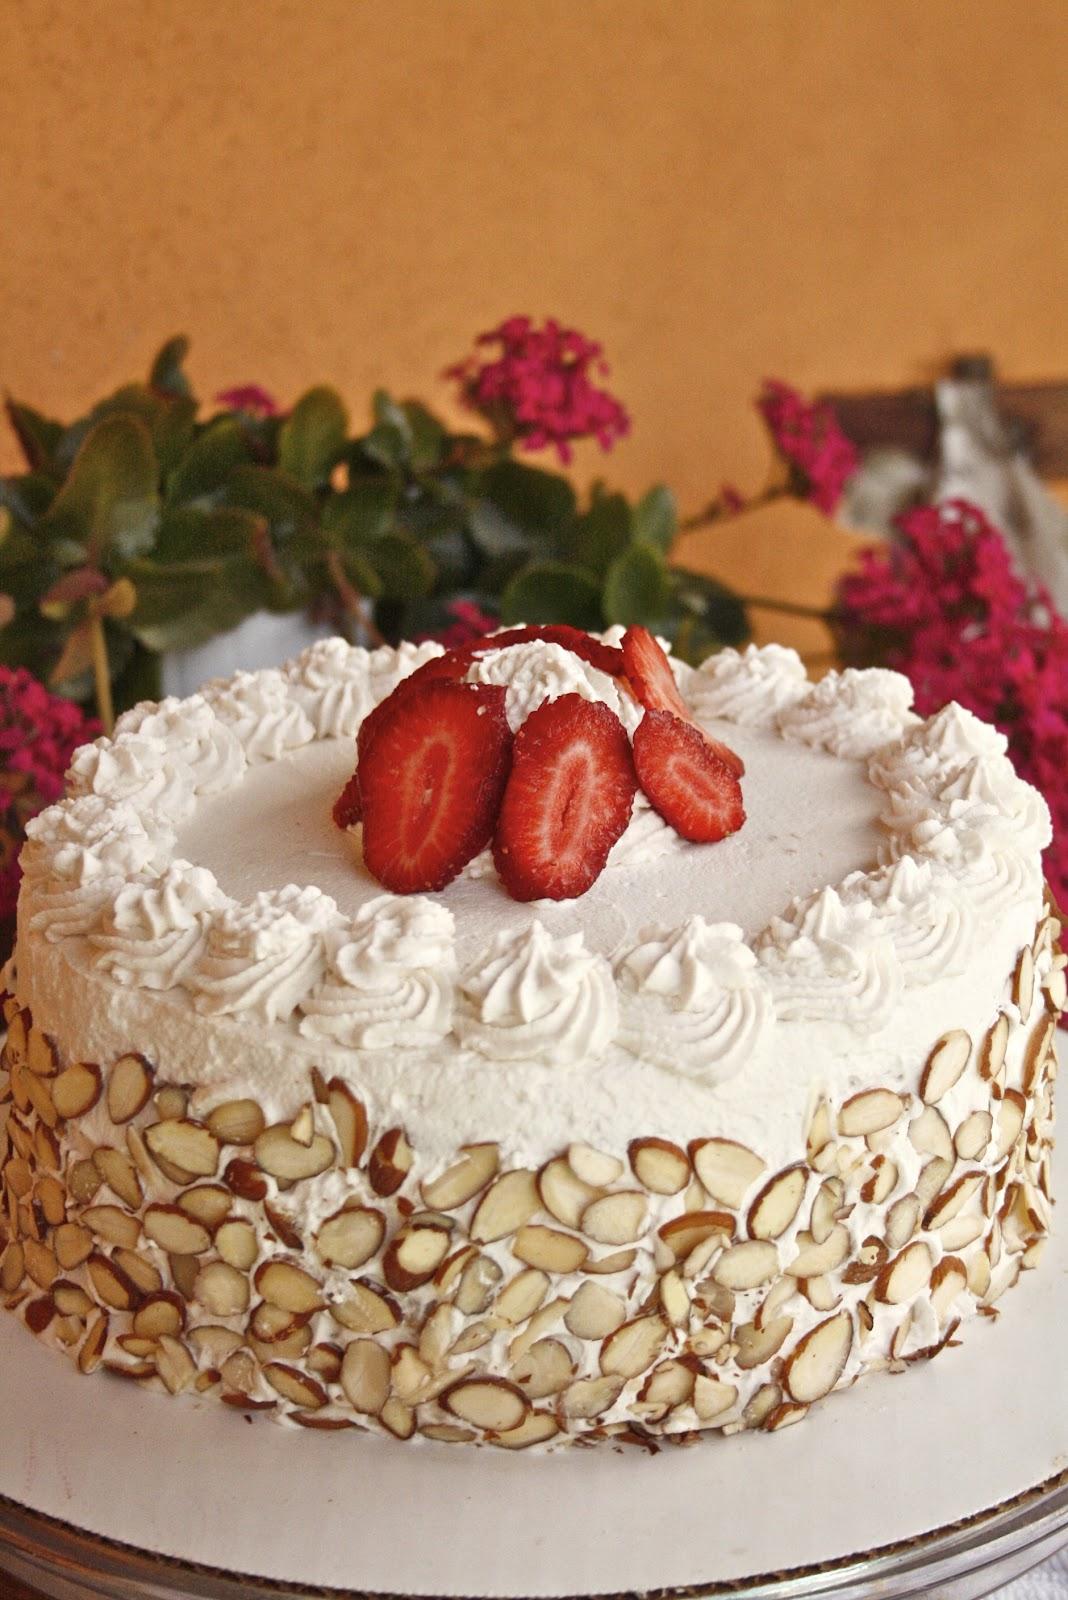 Italian Birthday Cakes With Rum